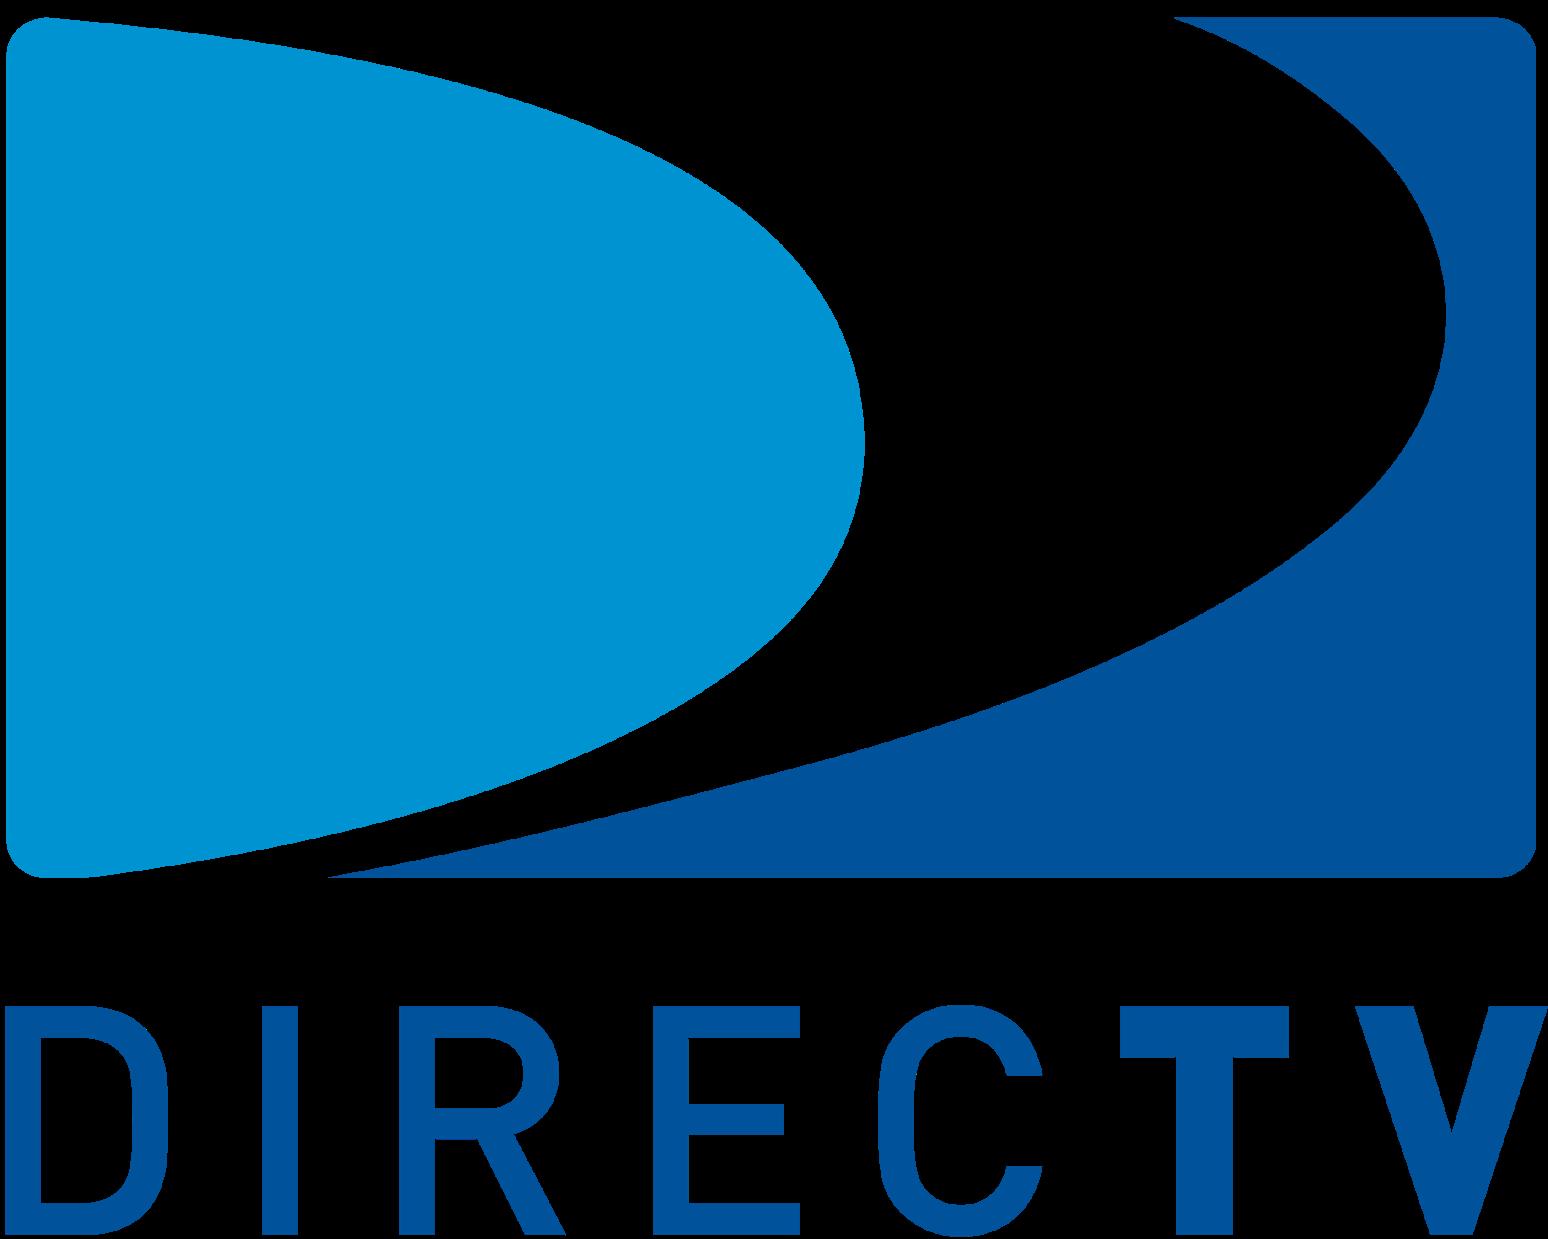 DirecTV Sports es un canal de televisión deportivo que transmite en vivo las 24 horas del día. Está disponible en Sudamérica a través del sistema satelital DirecTV.